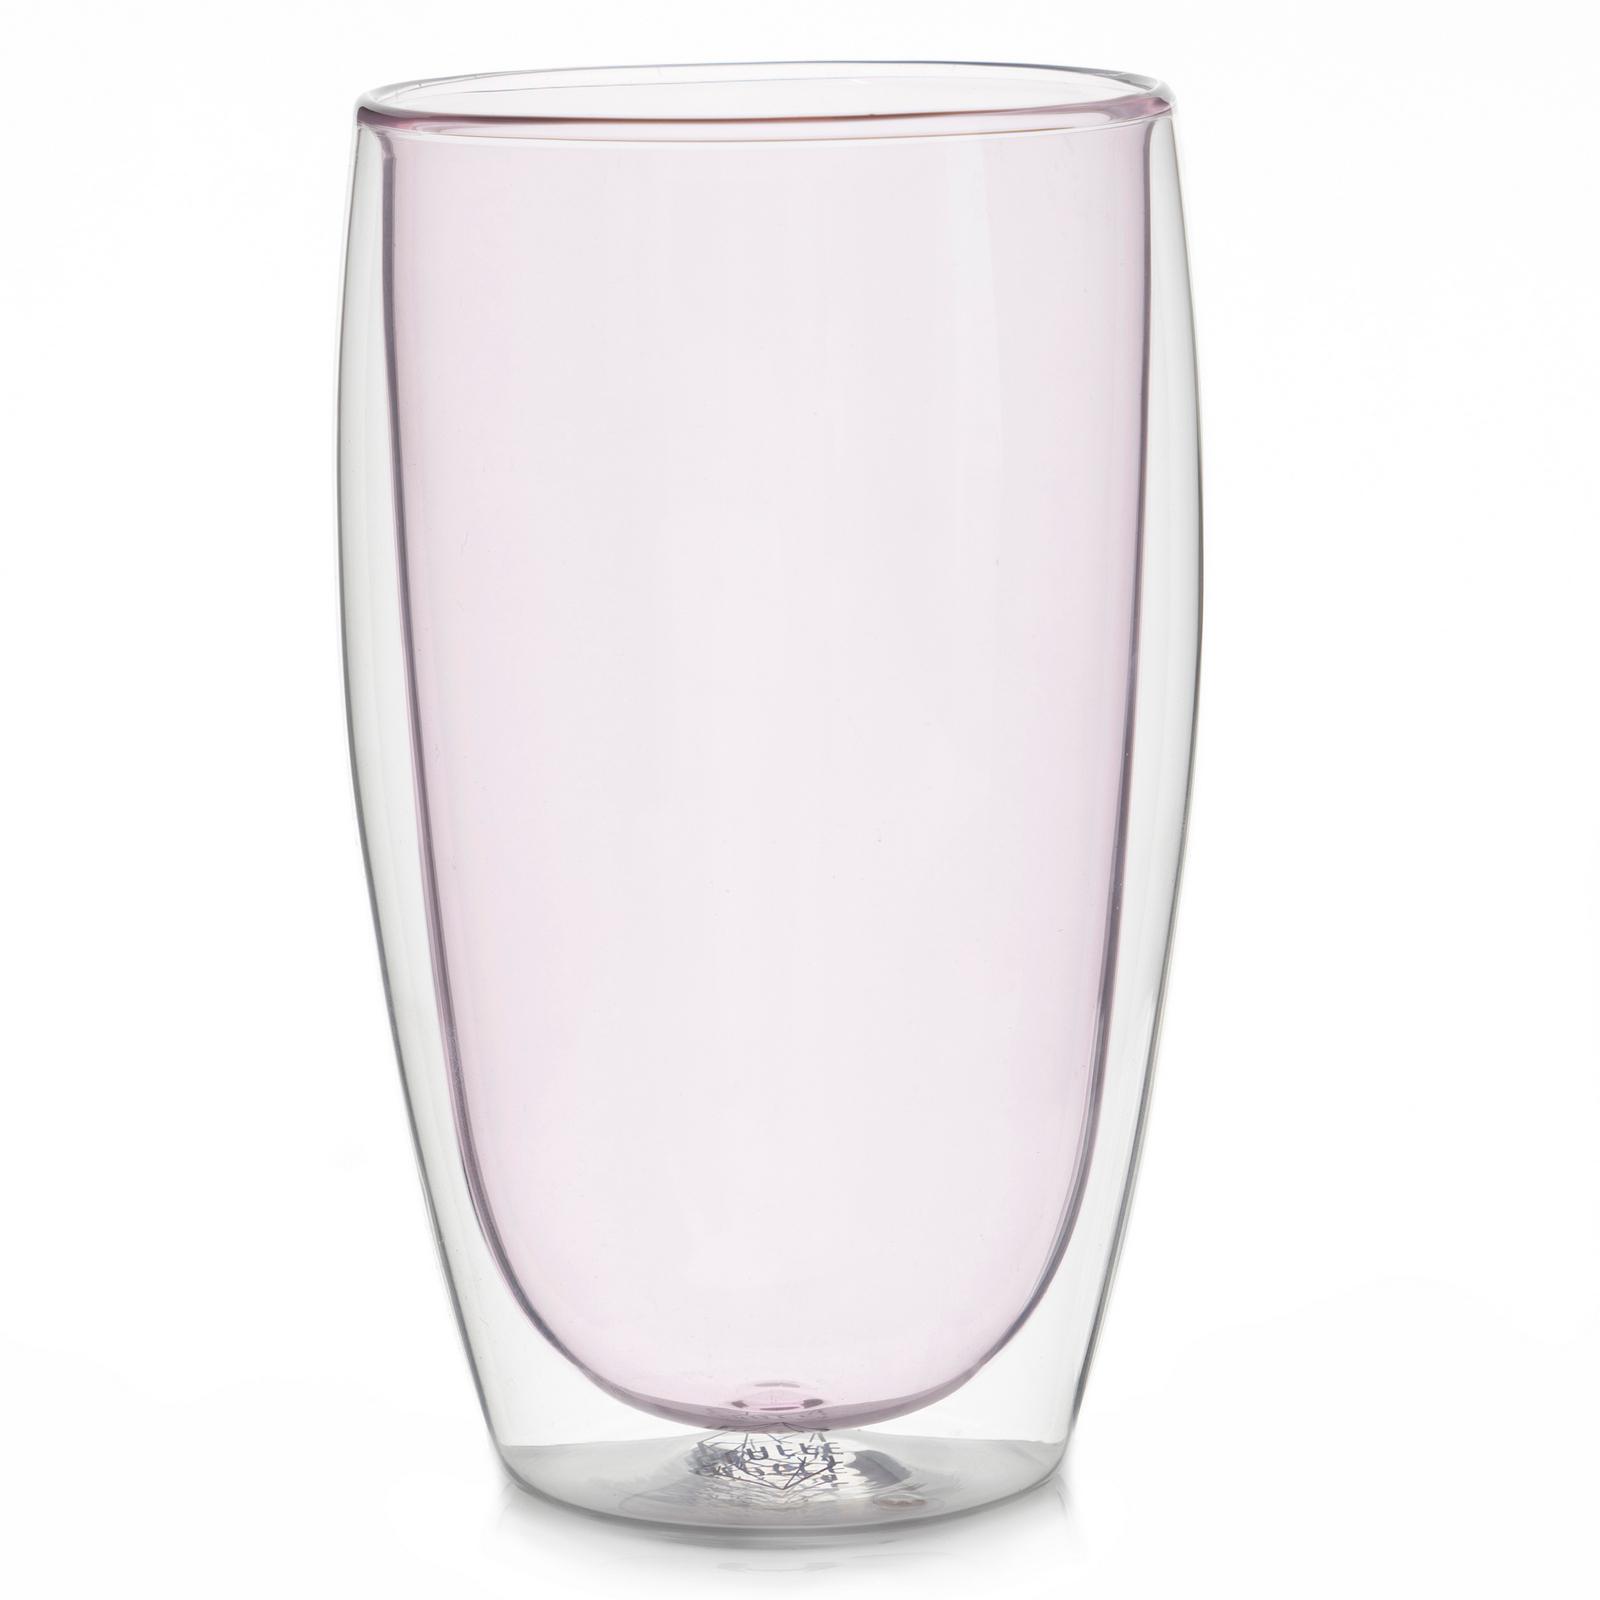 Все товары Стакан с двойными стенками цветной 450 мл, розовый розовый1.jpg